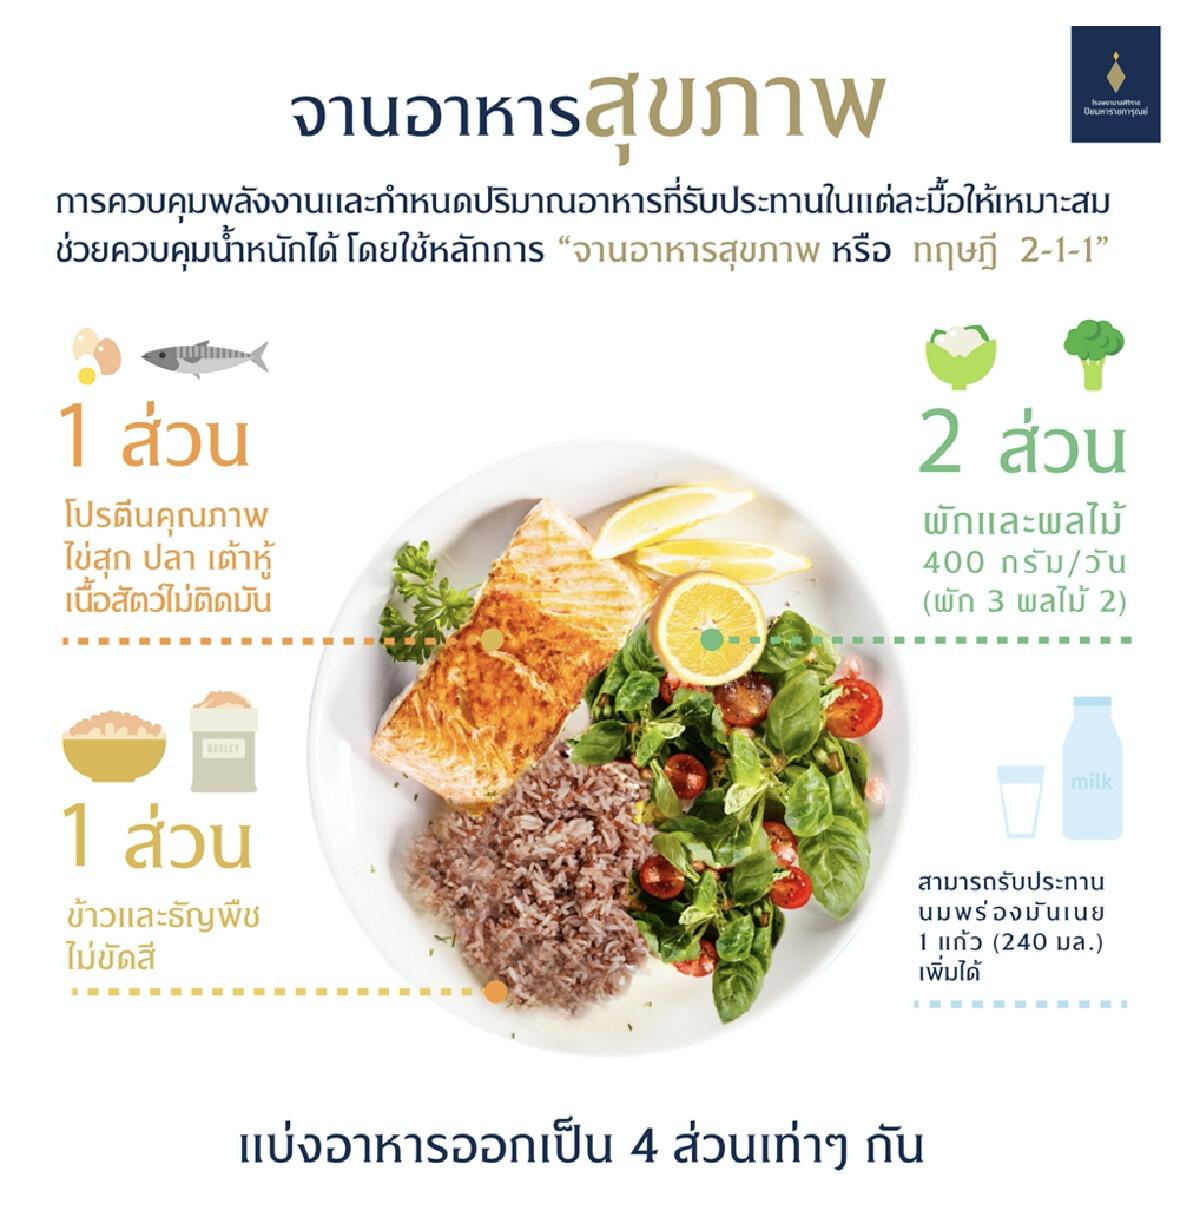 """วิธีการป้องกัน """"โรคความดันโลหิตสูง"""" ปัญหาสุขภาพ 'หลัก' ของคนไทย"""